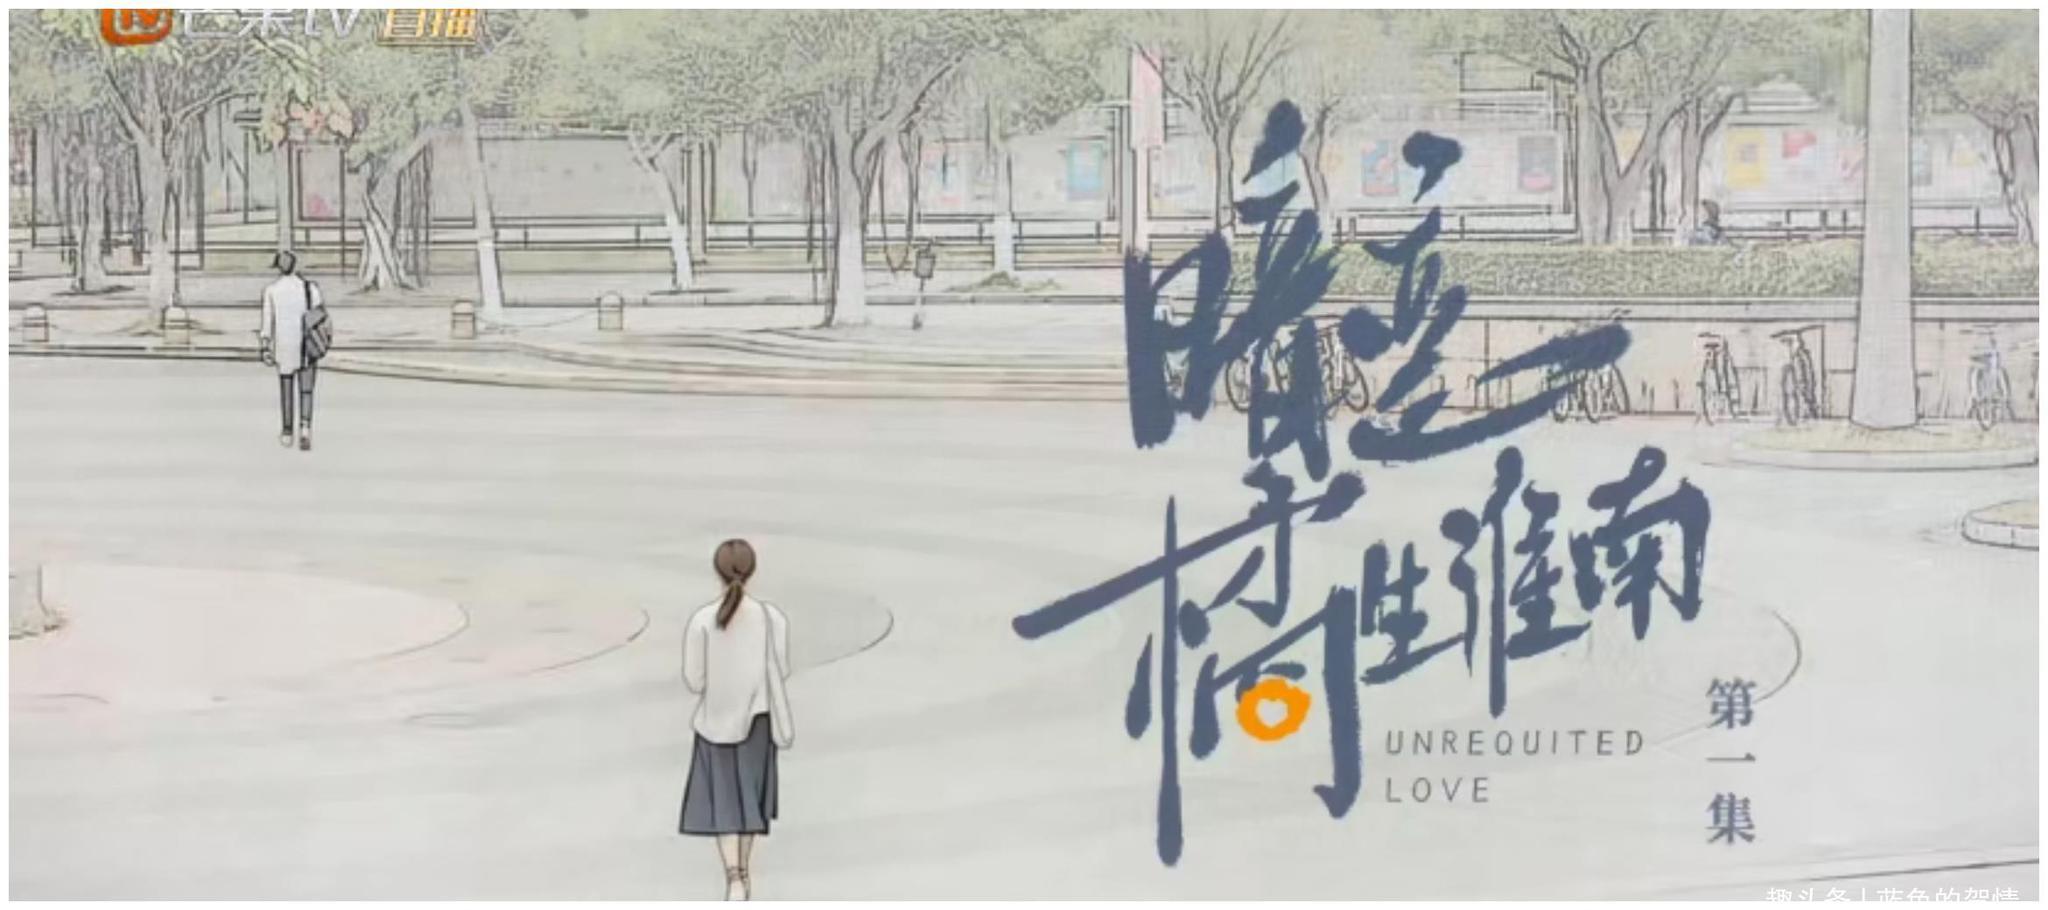 《暗恋橘生淮南》:胡一天和胡冰卿共同联合出演暗恋故事